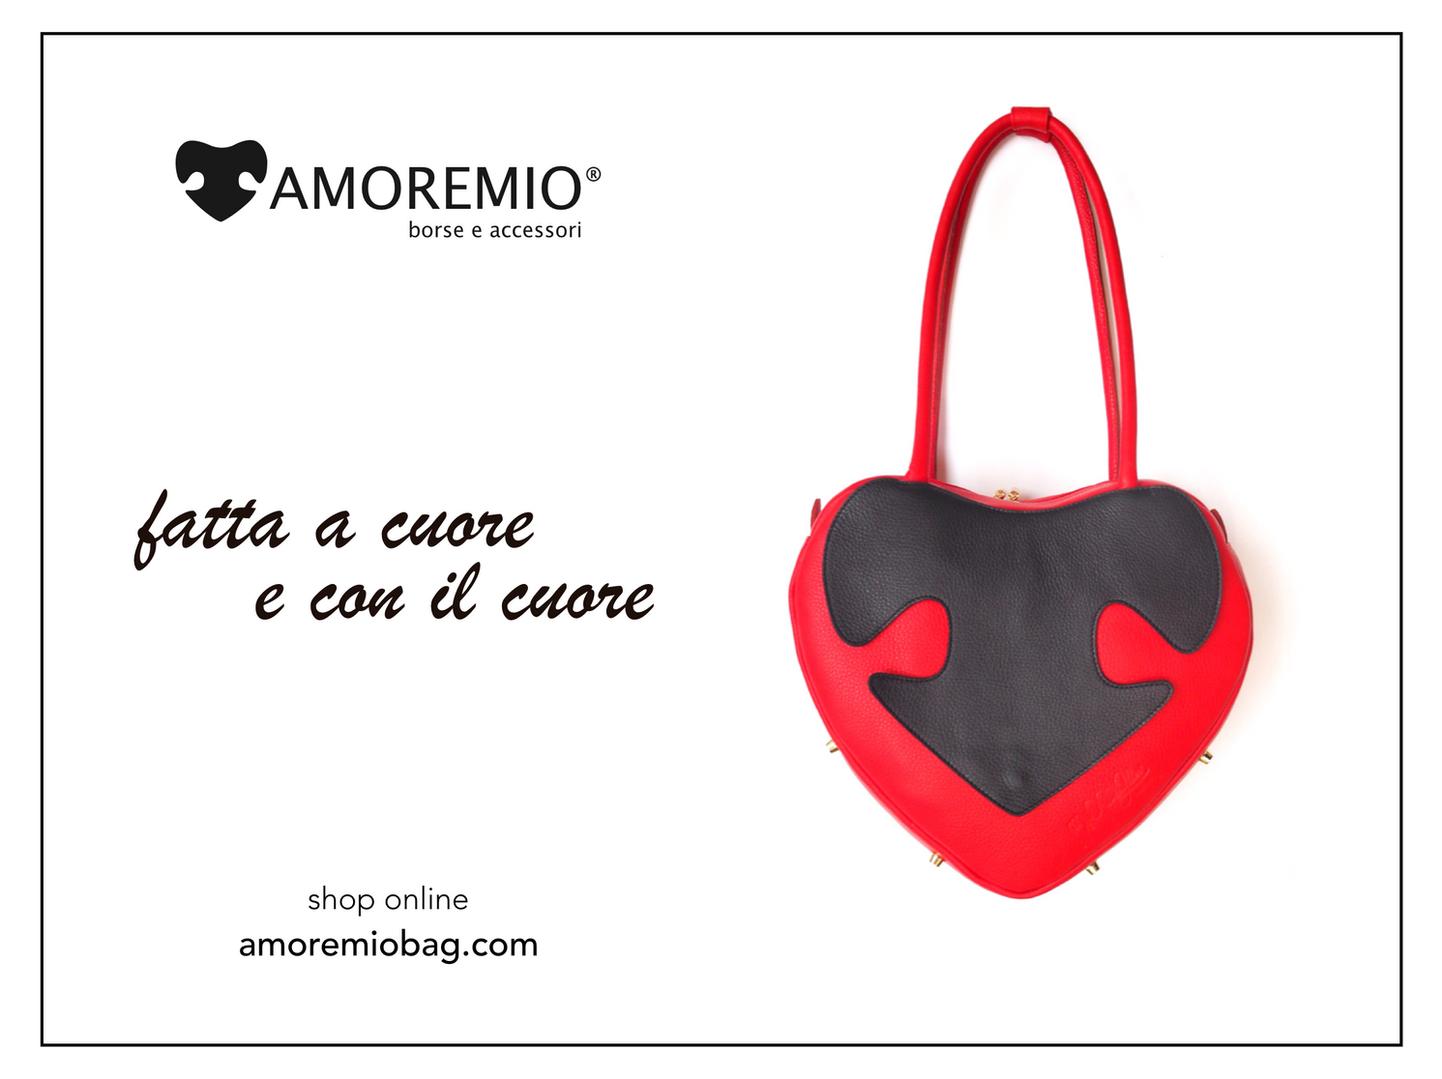 AMOREMIO® borse e accessori